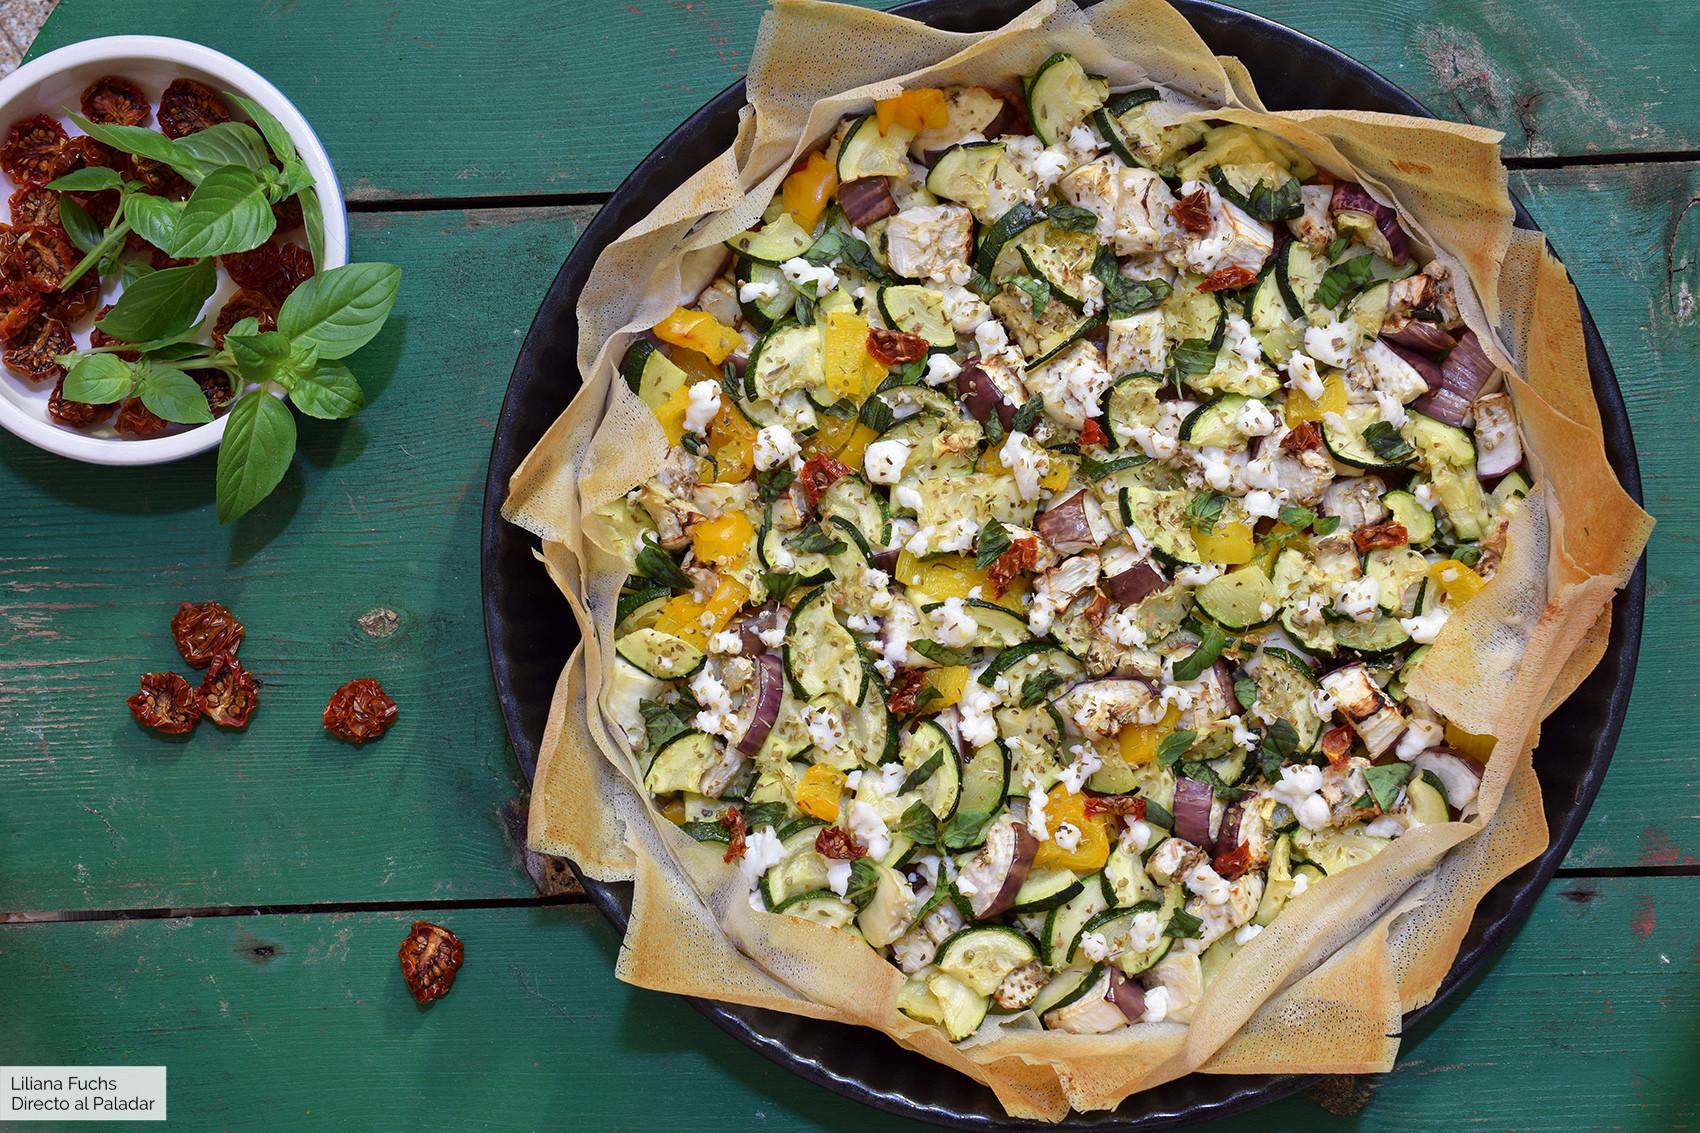 Día Mundial del Vegetarianismo: Receta de tarta de calabacin y berenjena con pasta brick